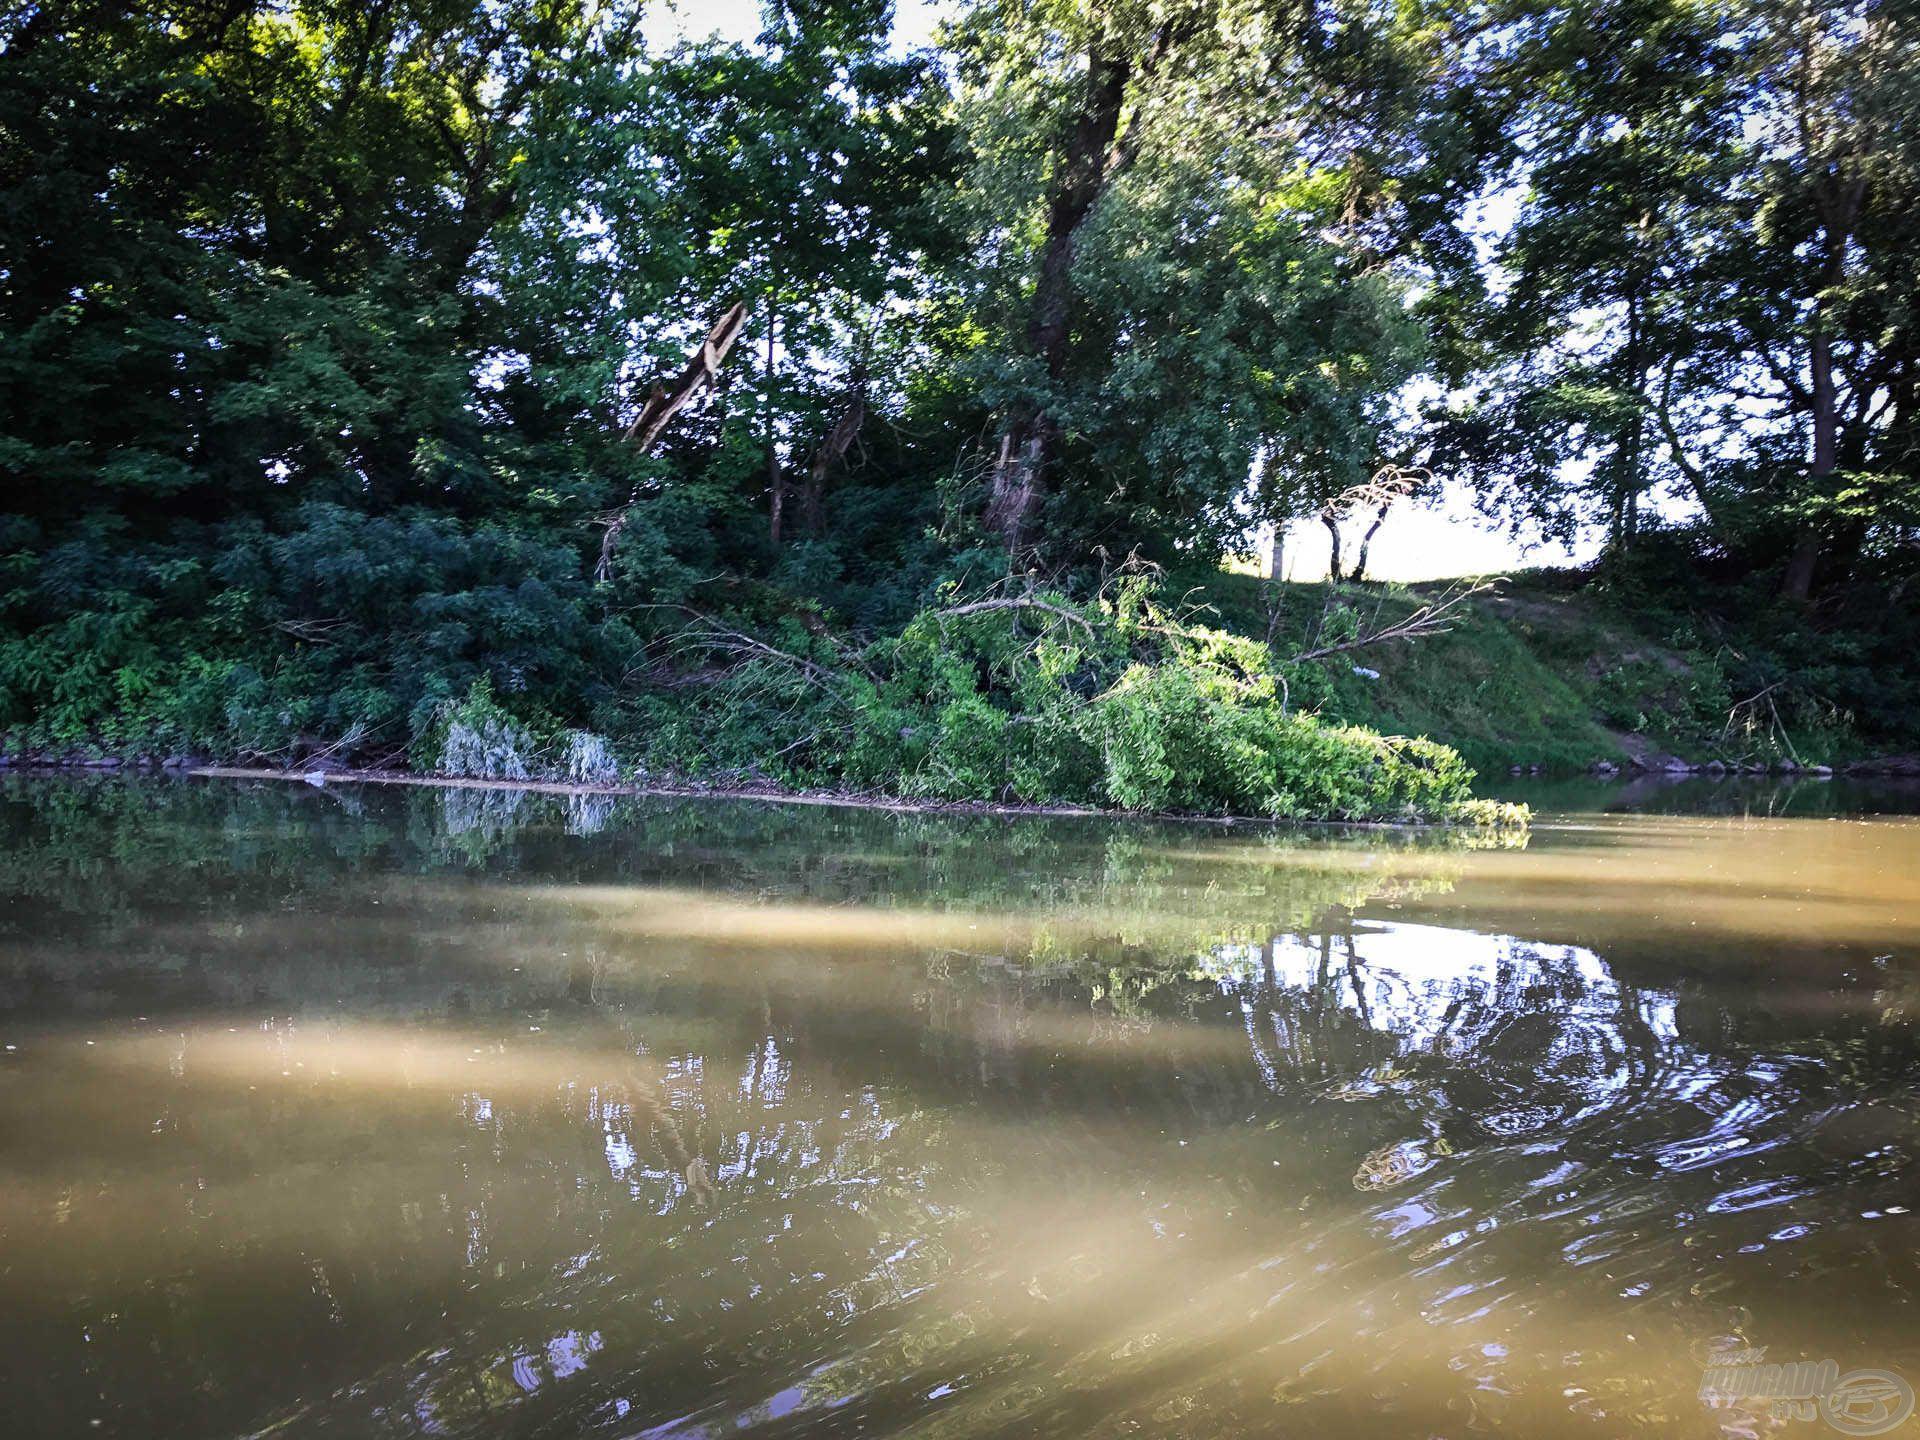 A következő terület egy – a folyóba bőven benyúló – fa környéke volt